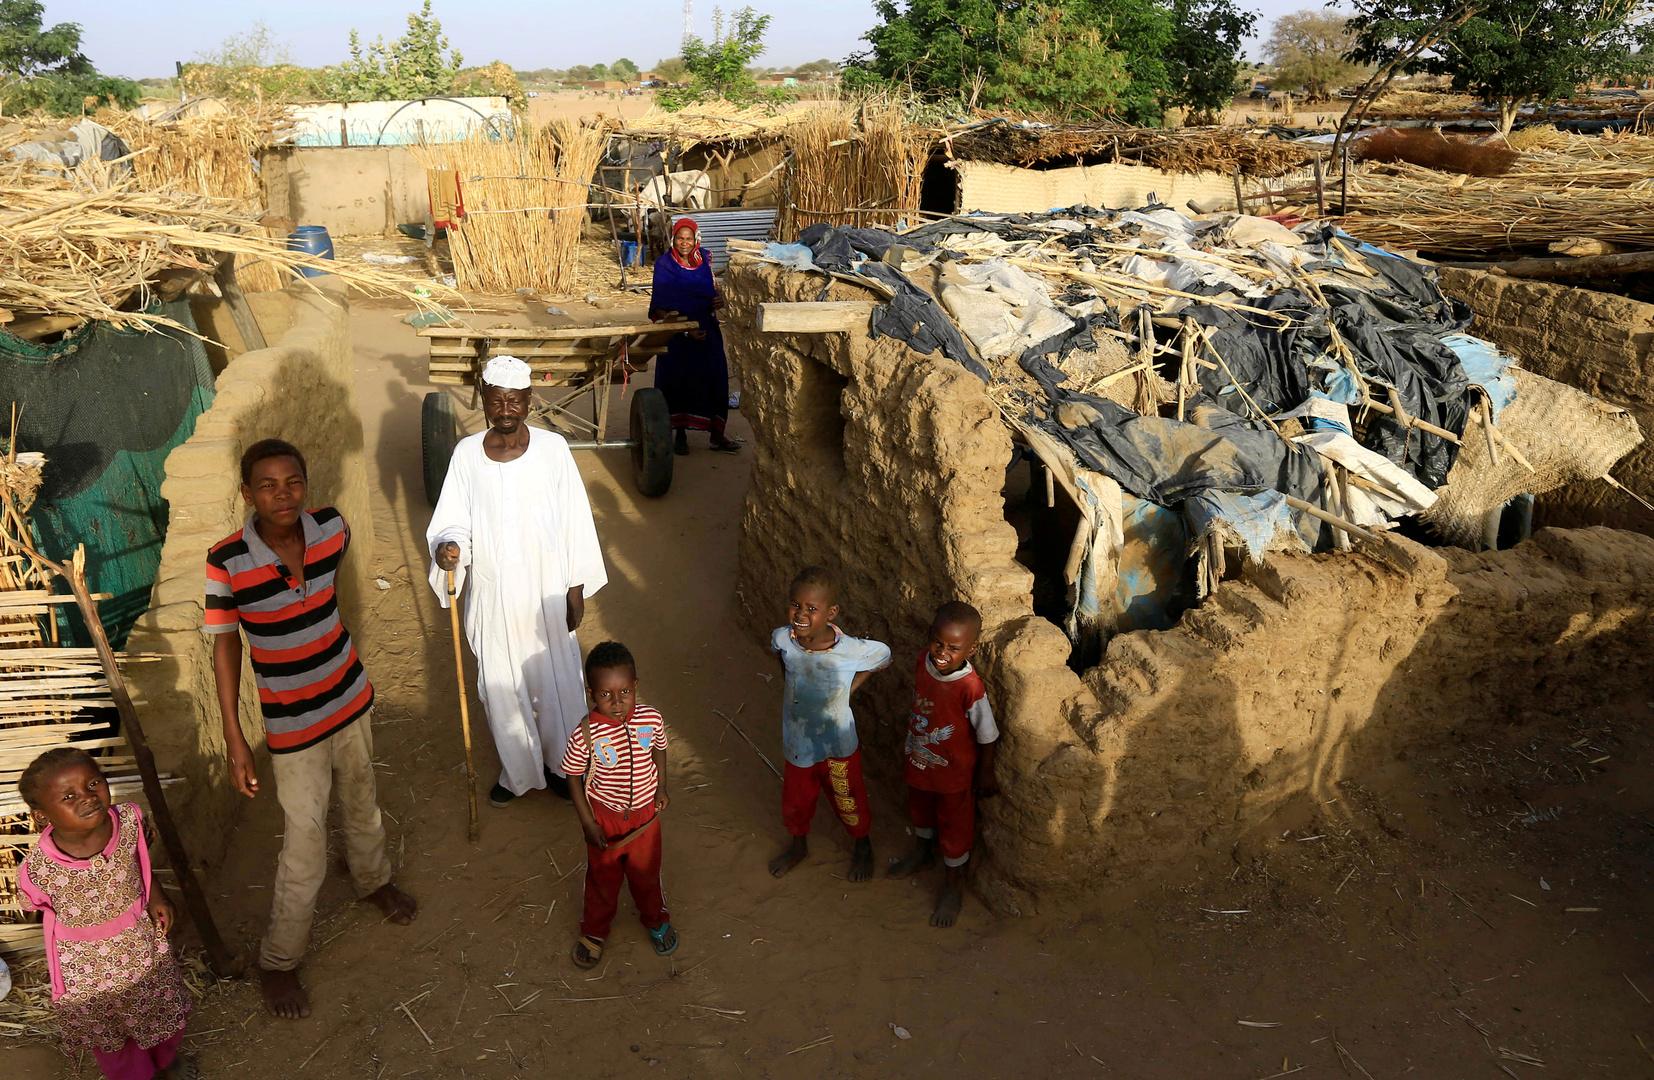 قرية في إقليم دارفور السوداني